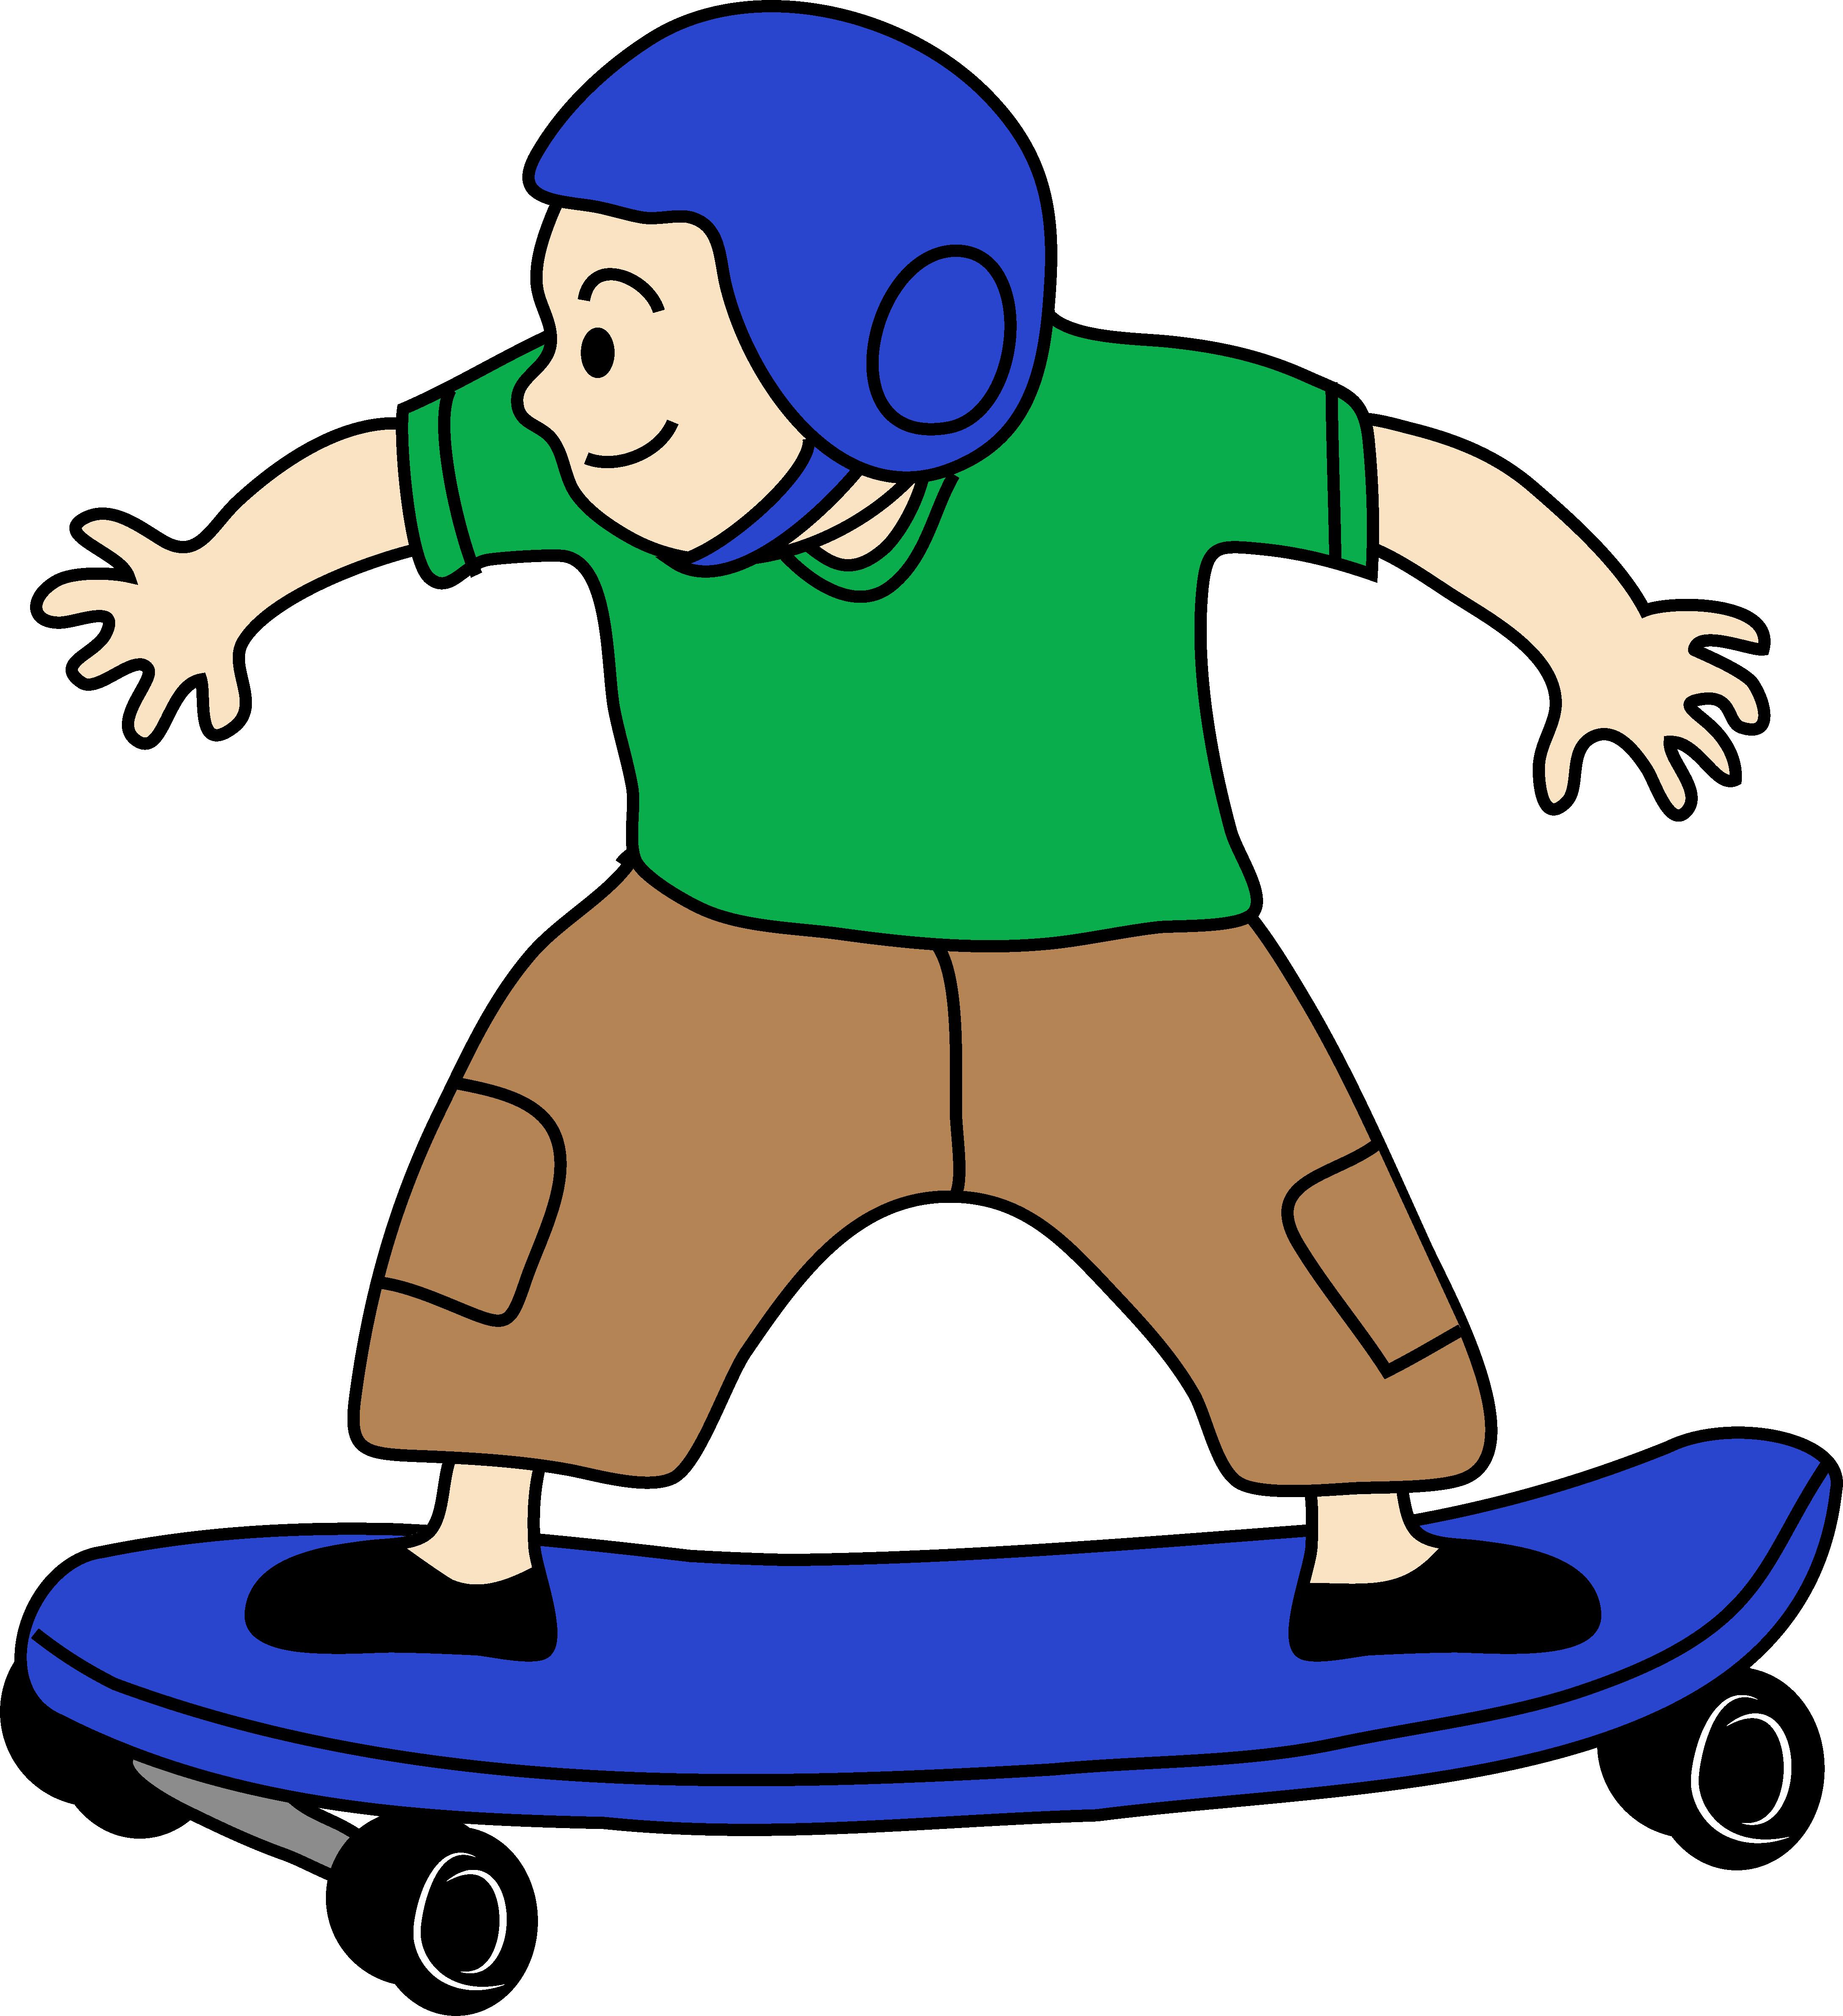 Skateboard clipart Bay Clipart Skateboard Skateboard Clipart